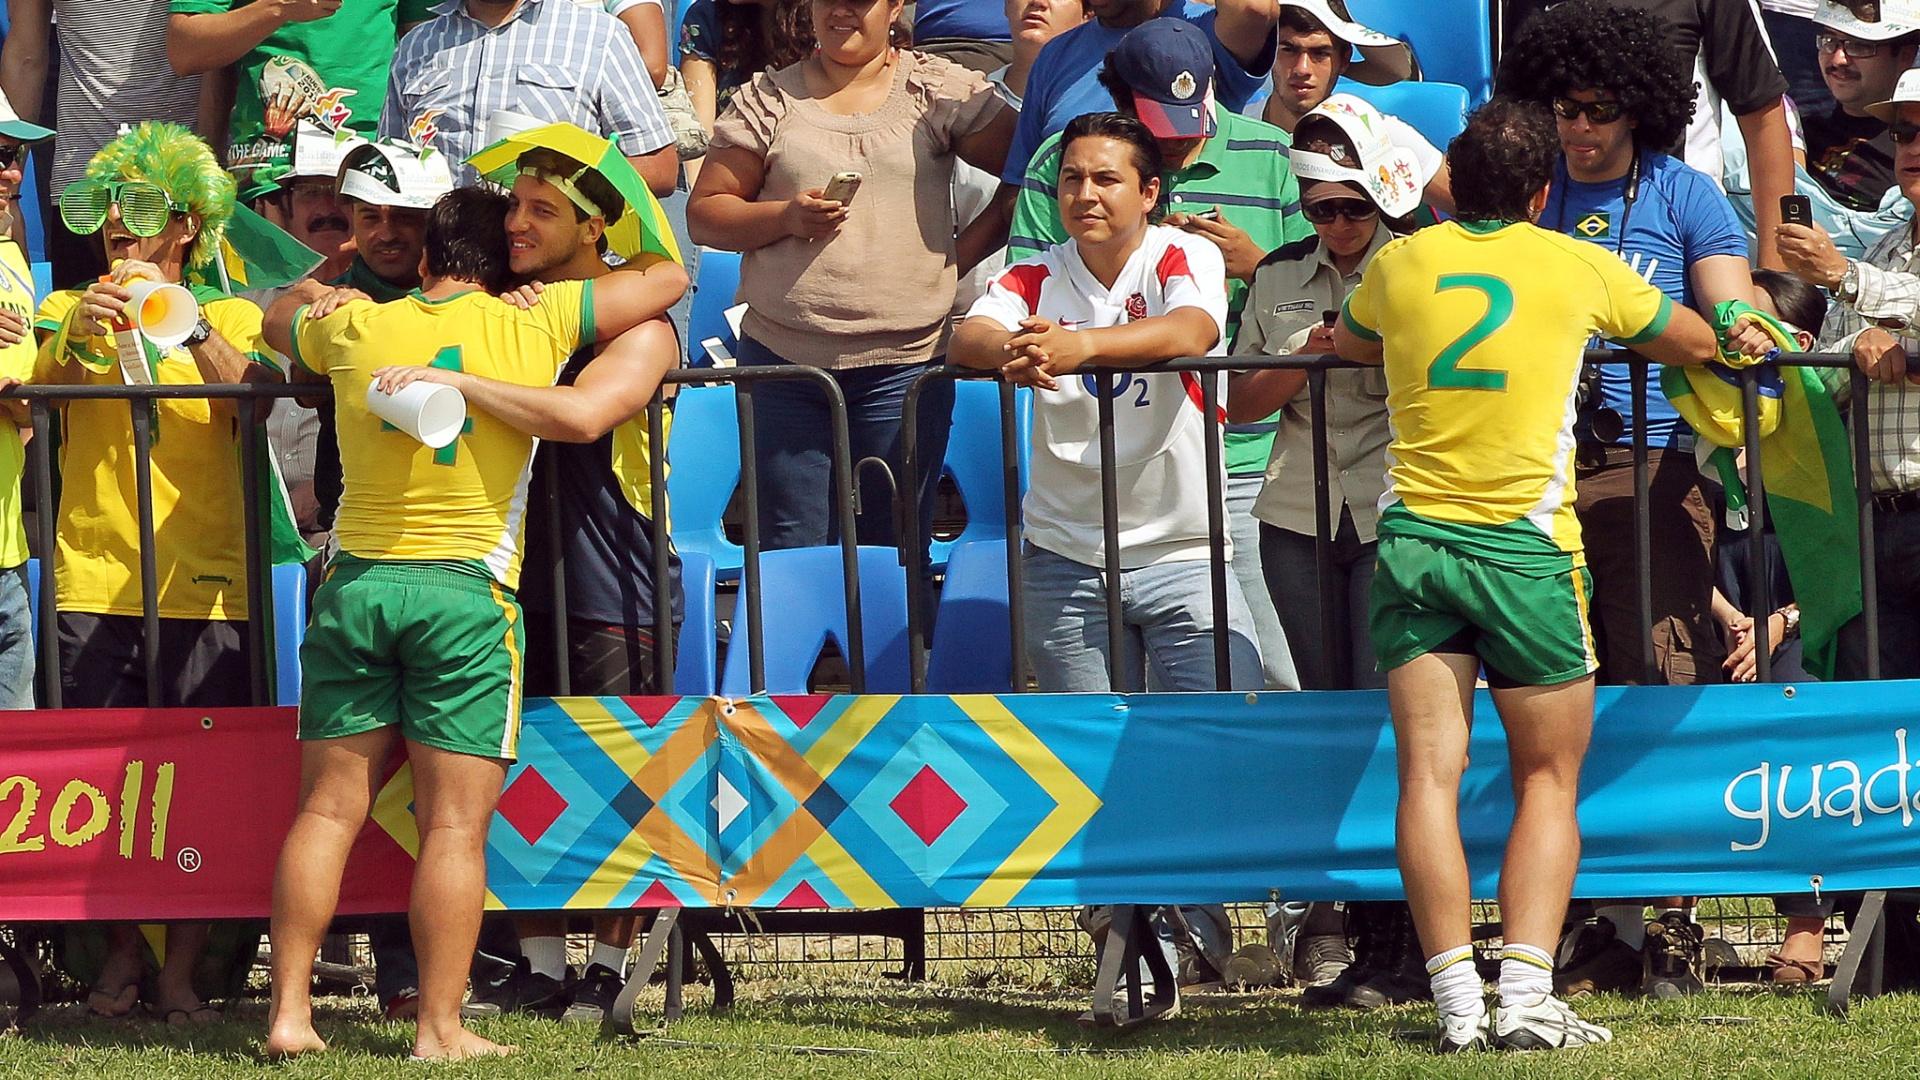 Brasileiros comemoram a vitória contra a Guiana, a última no Pan, que deu o sétimo lugar no rúgbi em Guadalajara